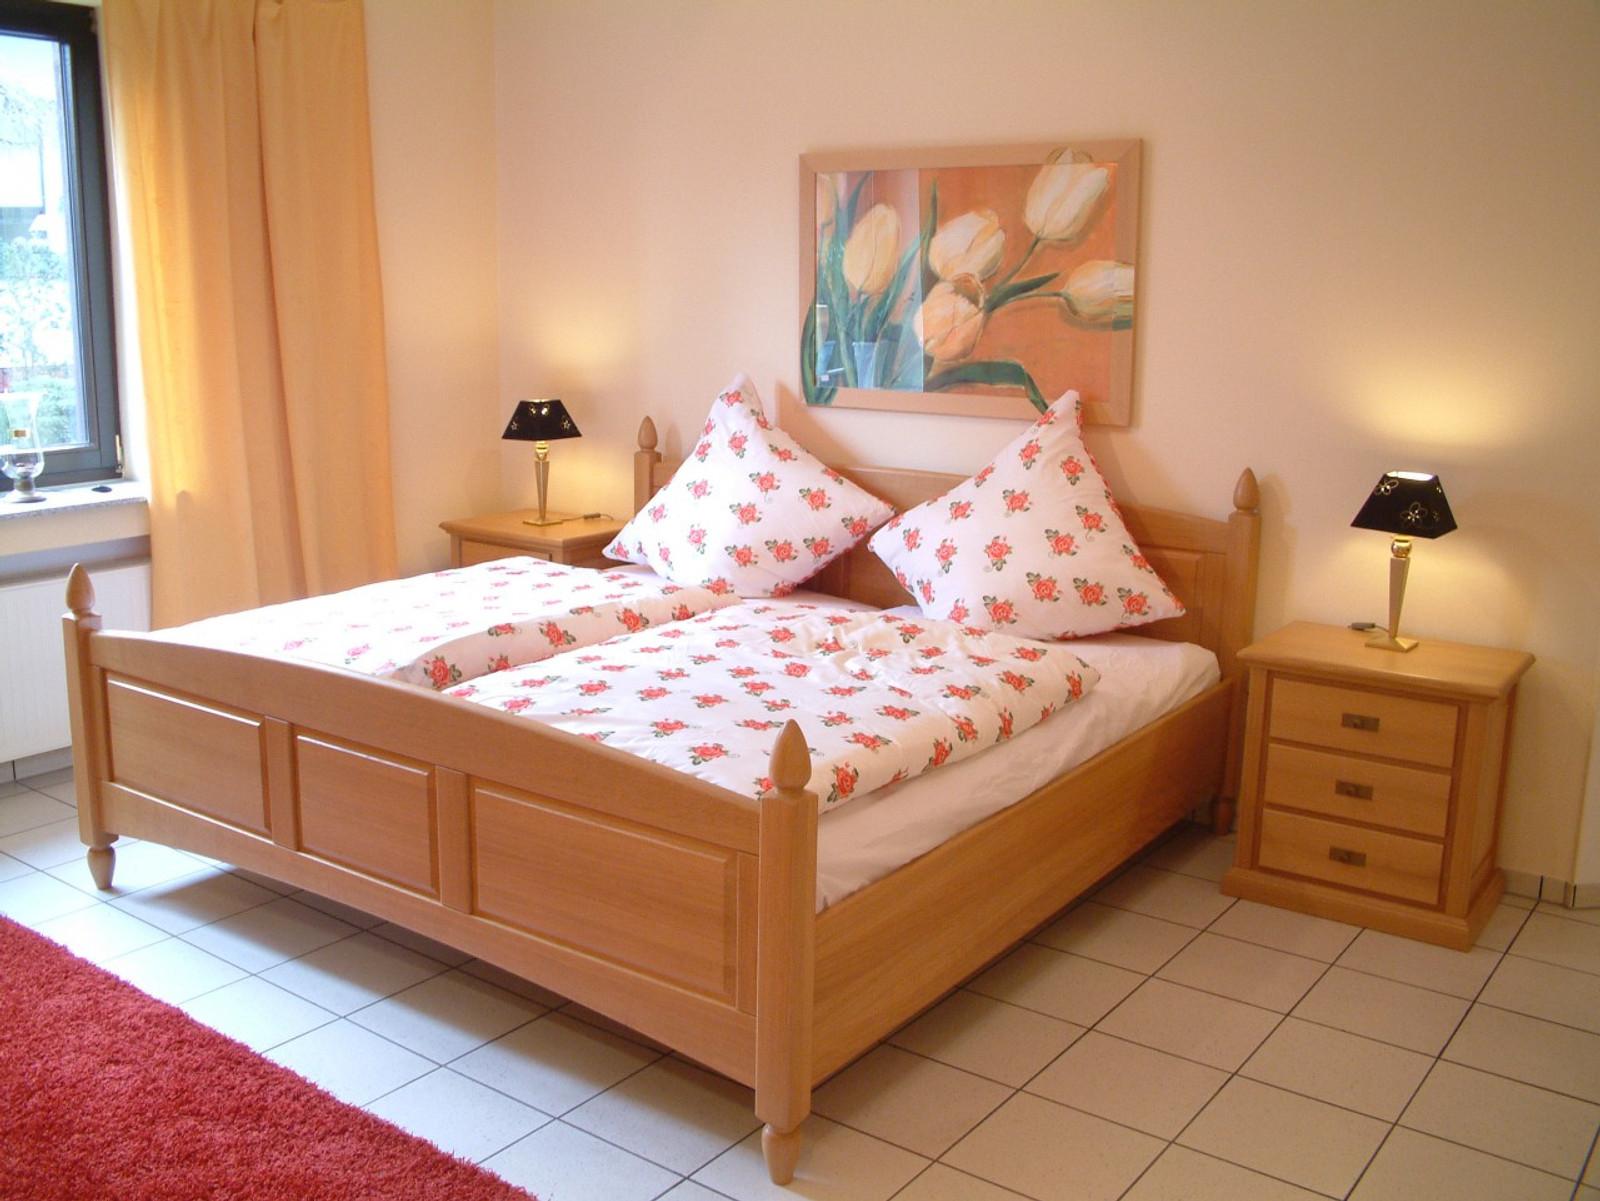 Schlafzimmerprogramm r gen im landhausstil eiche buche oder kirschbaum vollmassiv jedes ma - Landhausmobel schlafzimmer ...